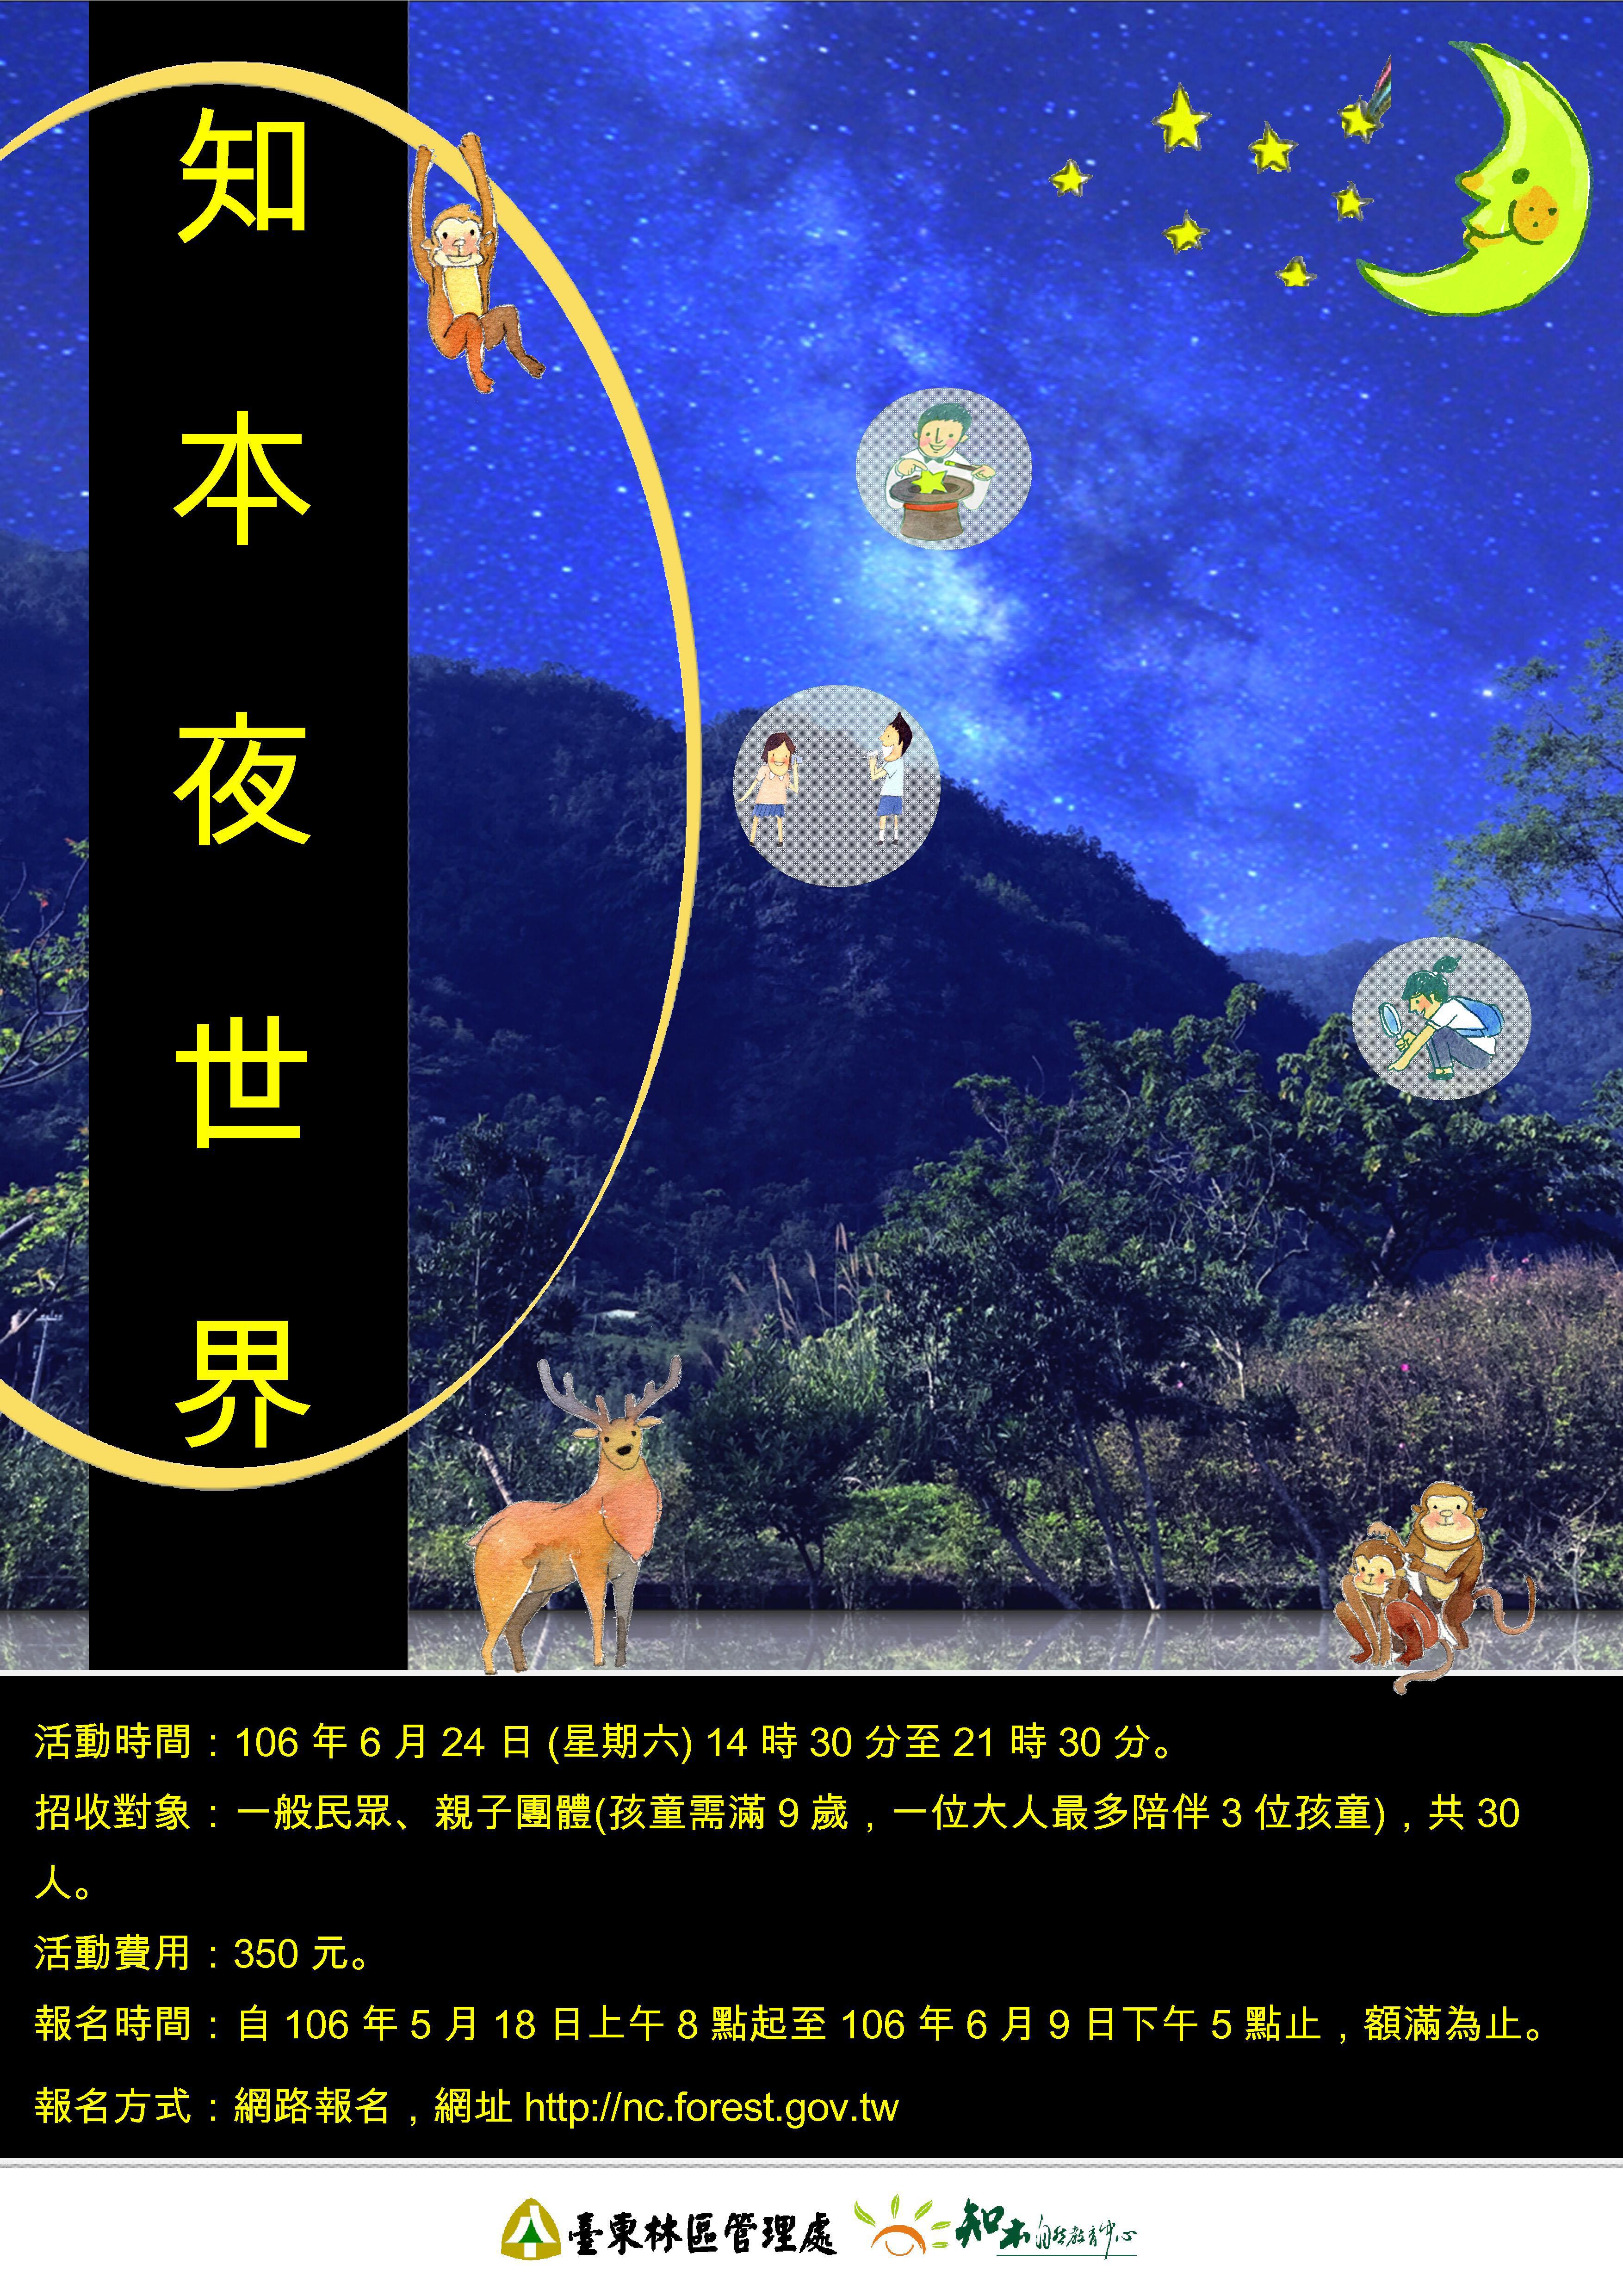 「夜晚森林大驚奇」-知本夜世界帶您進入夜月夜美麗